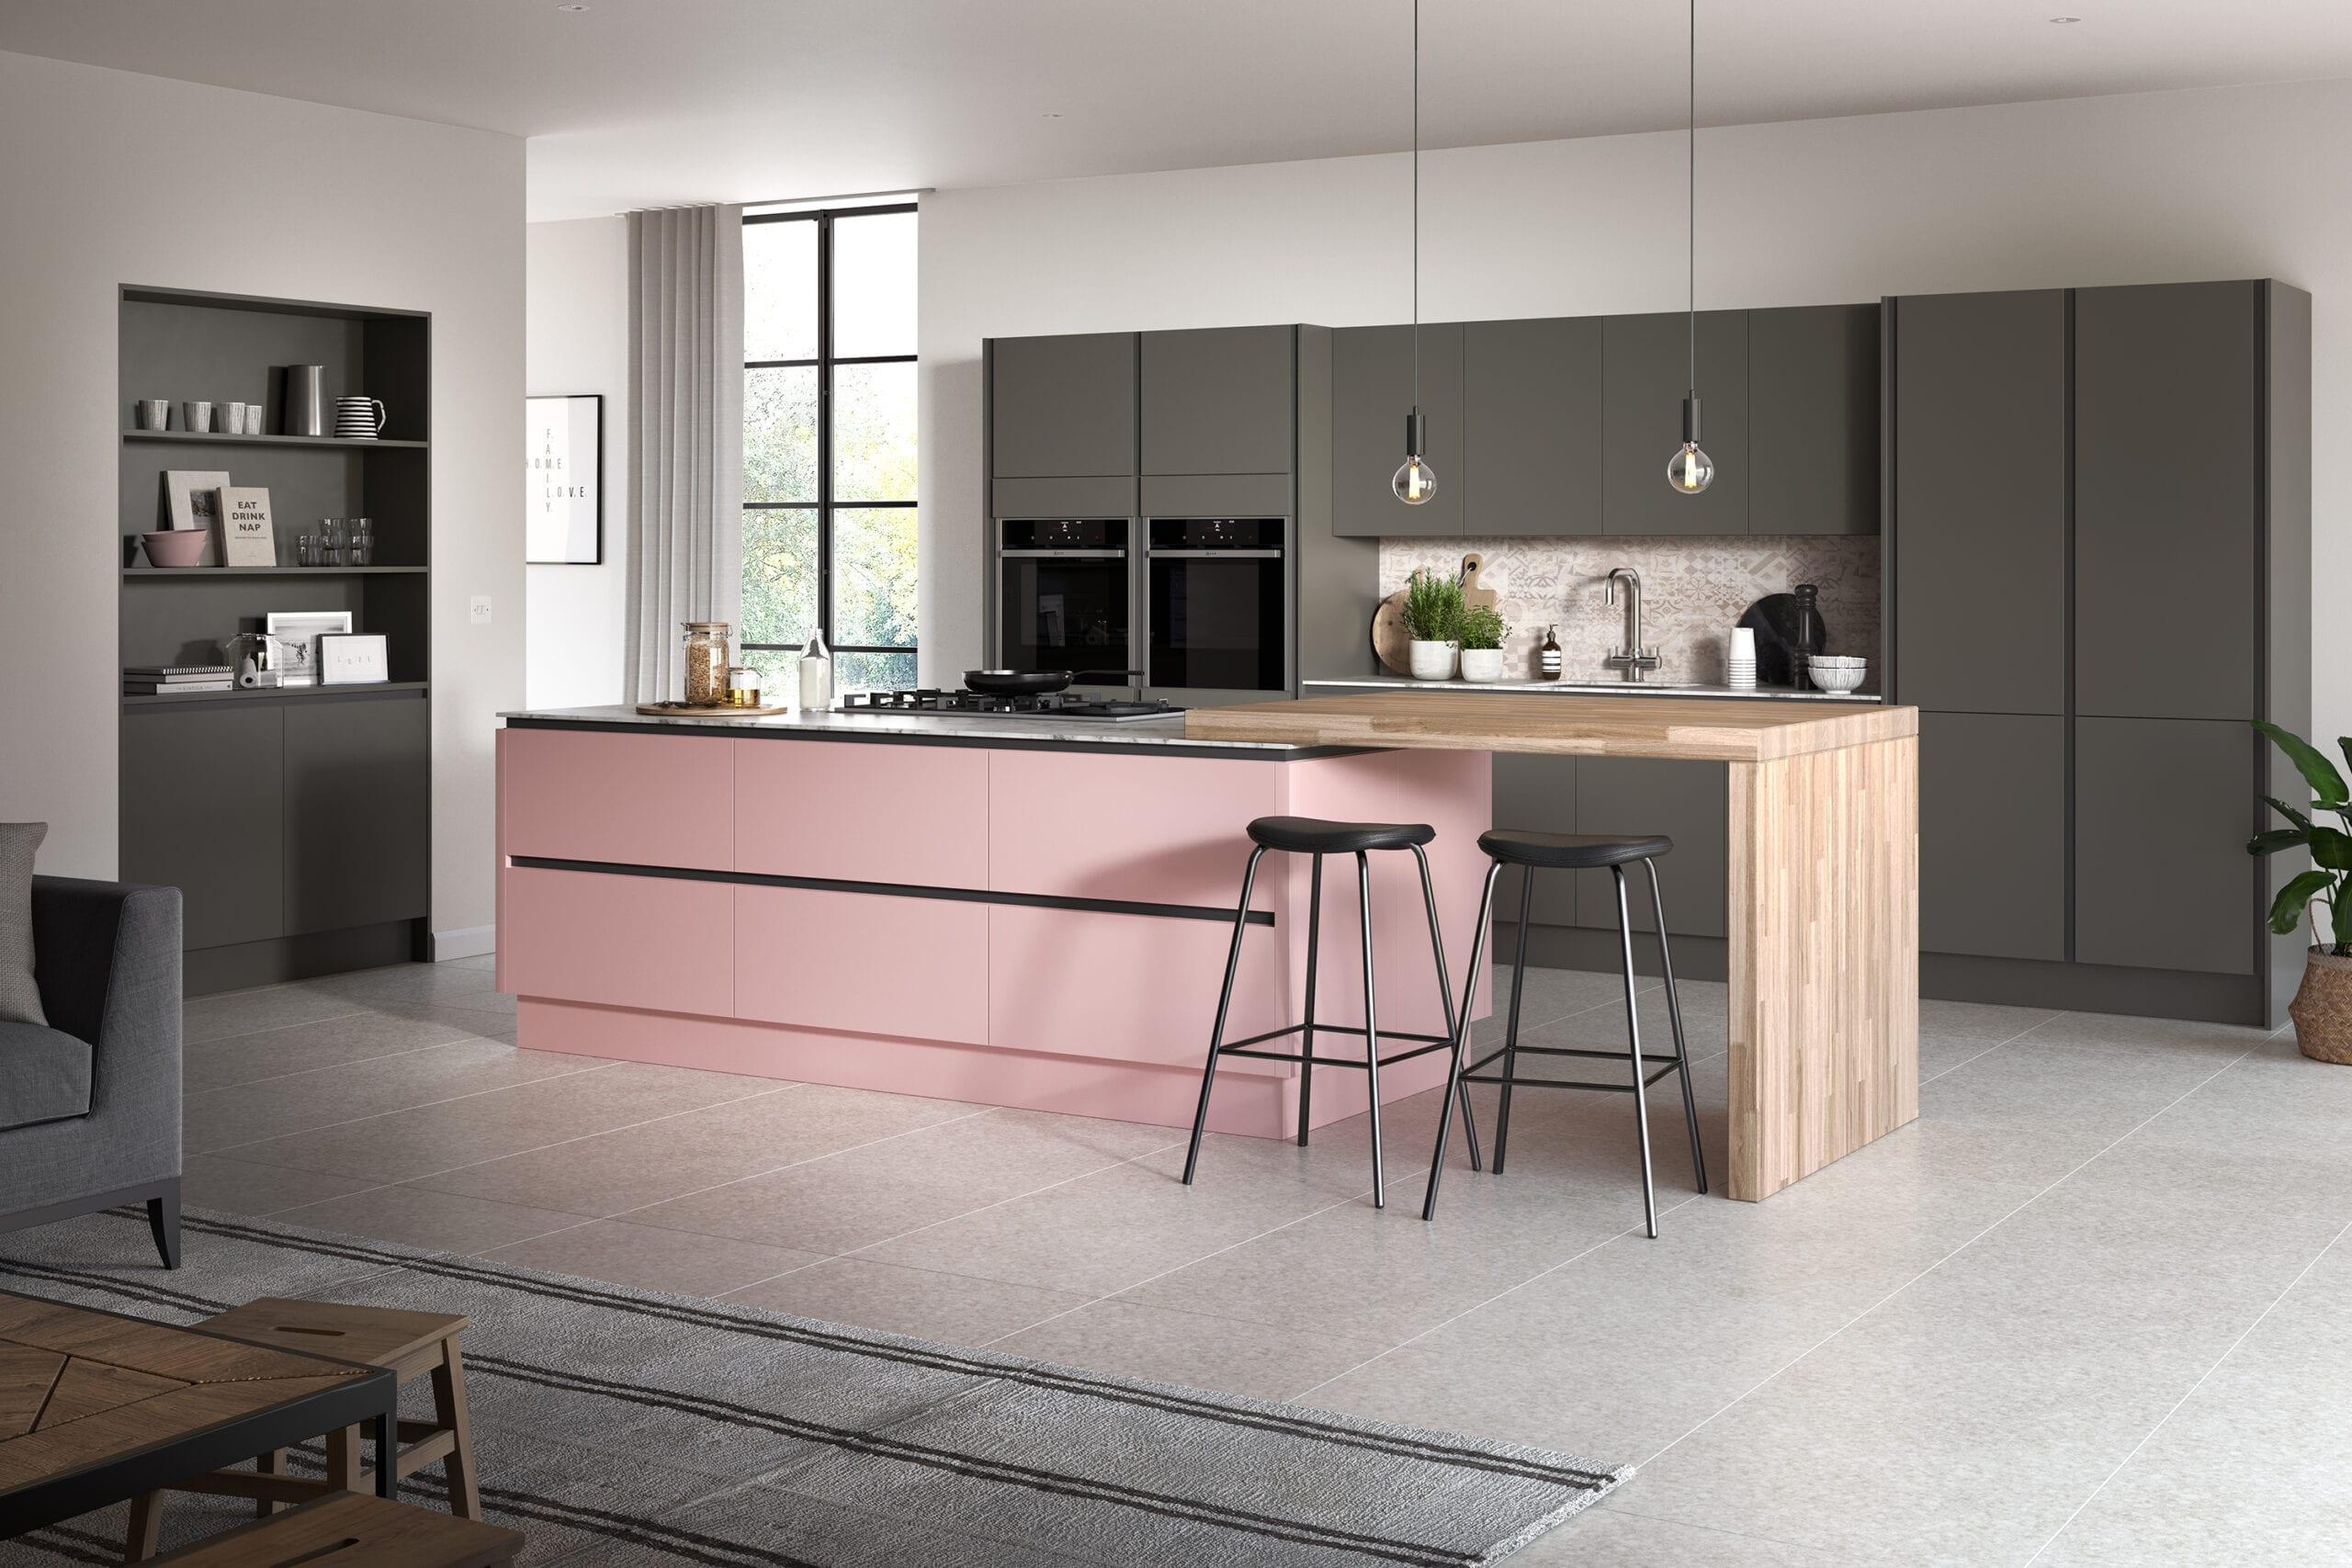 popular kitchen colour schemes in 2021